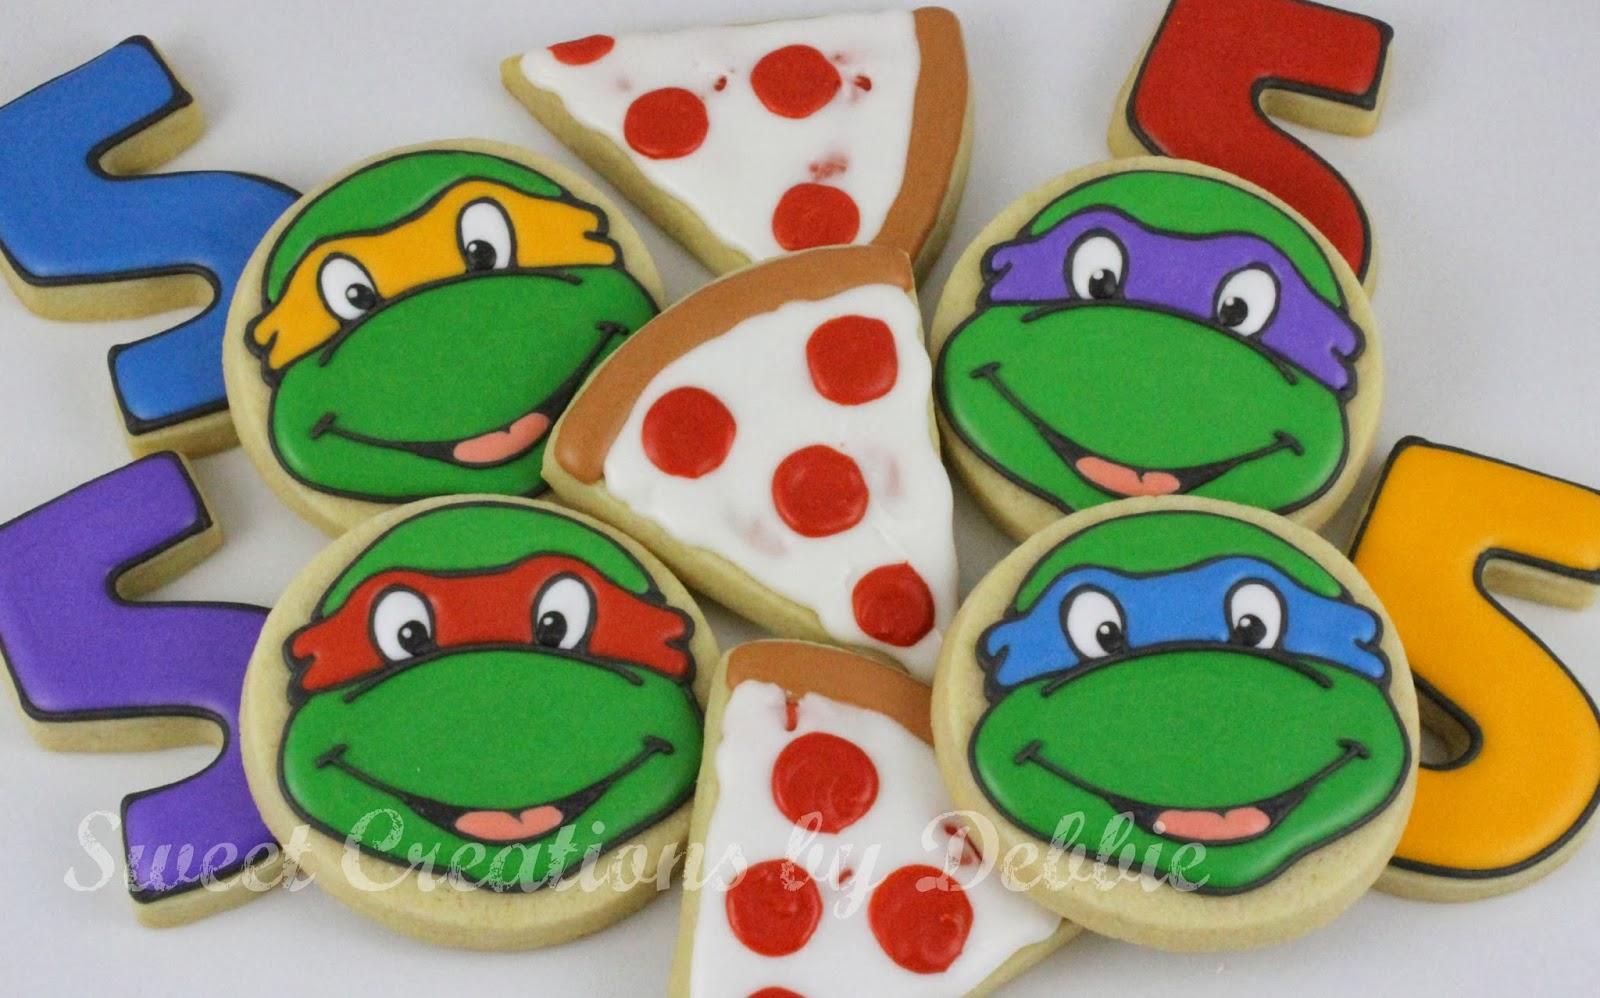 Ninja Turtle Birthday Invitation Template for adorable invitation ideas